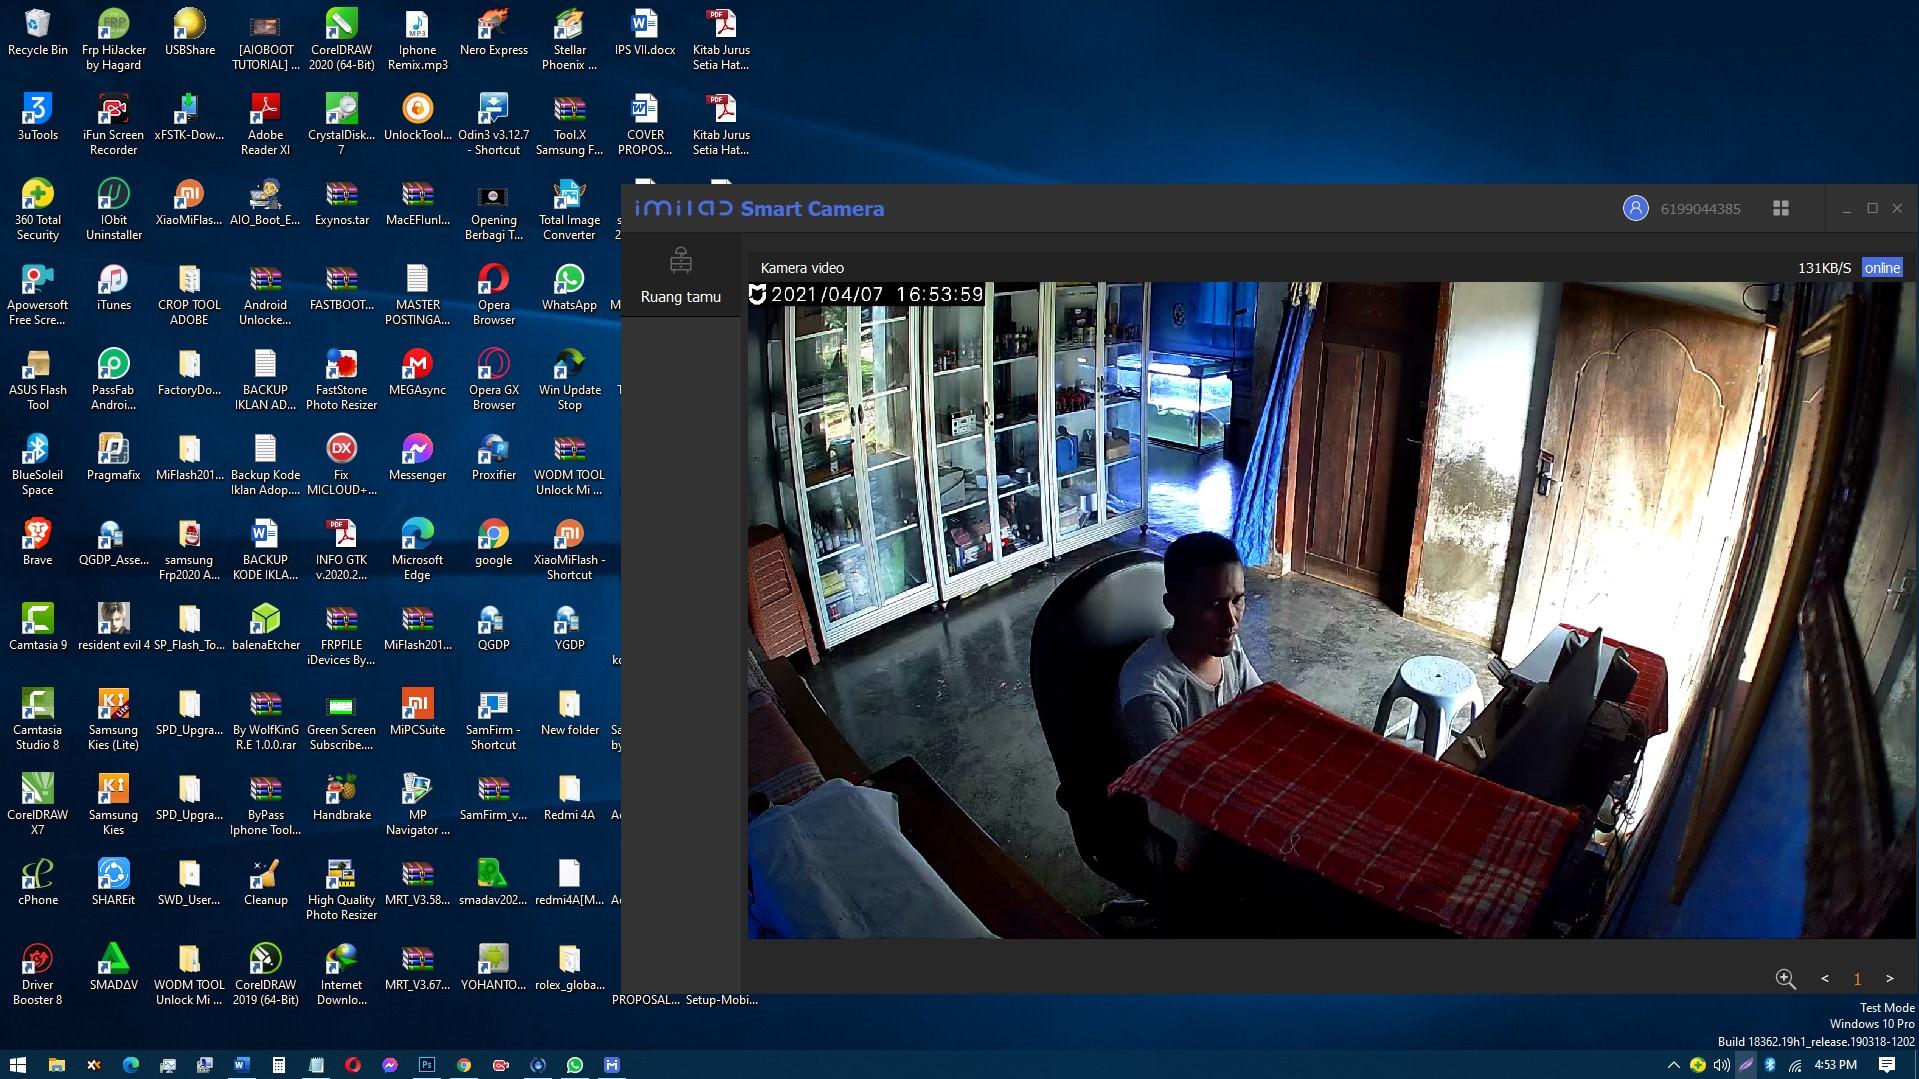 Mi Home Security Camera 360 Setup for PC